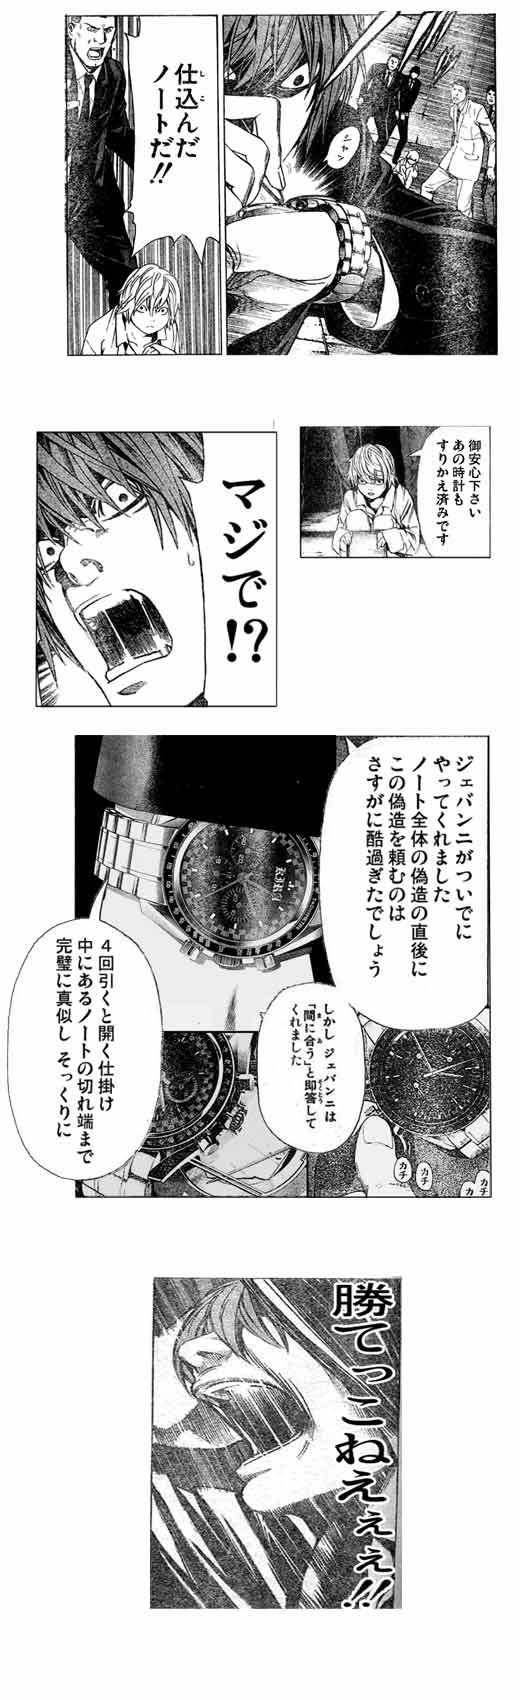 choujin-deathnote